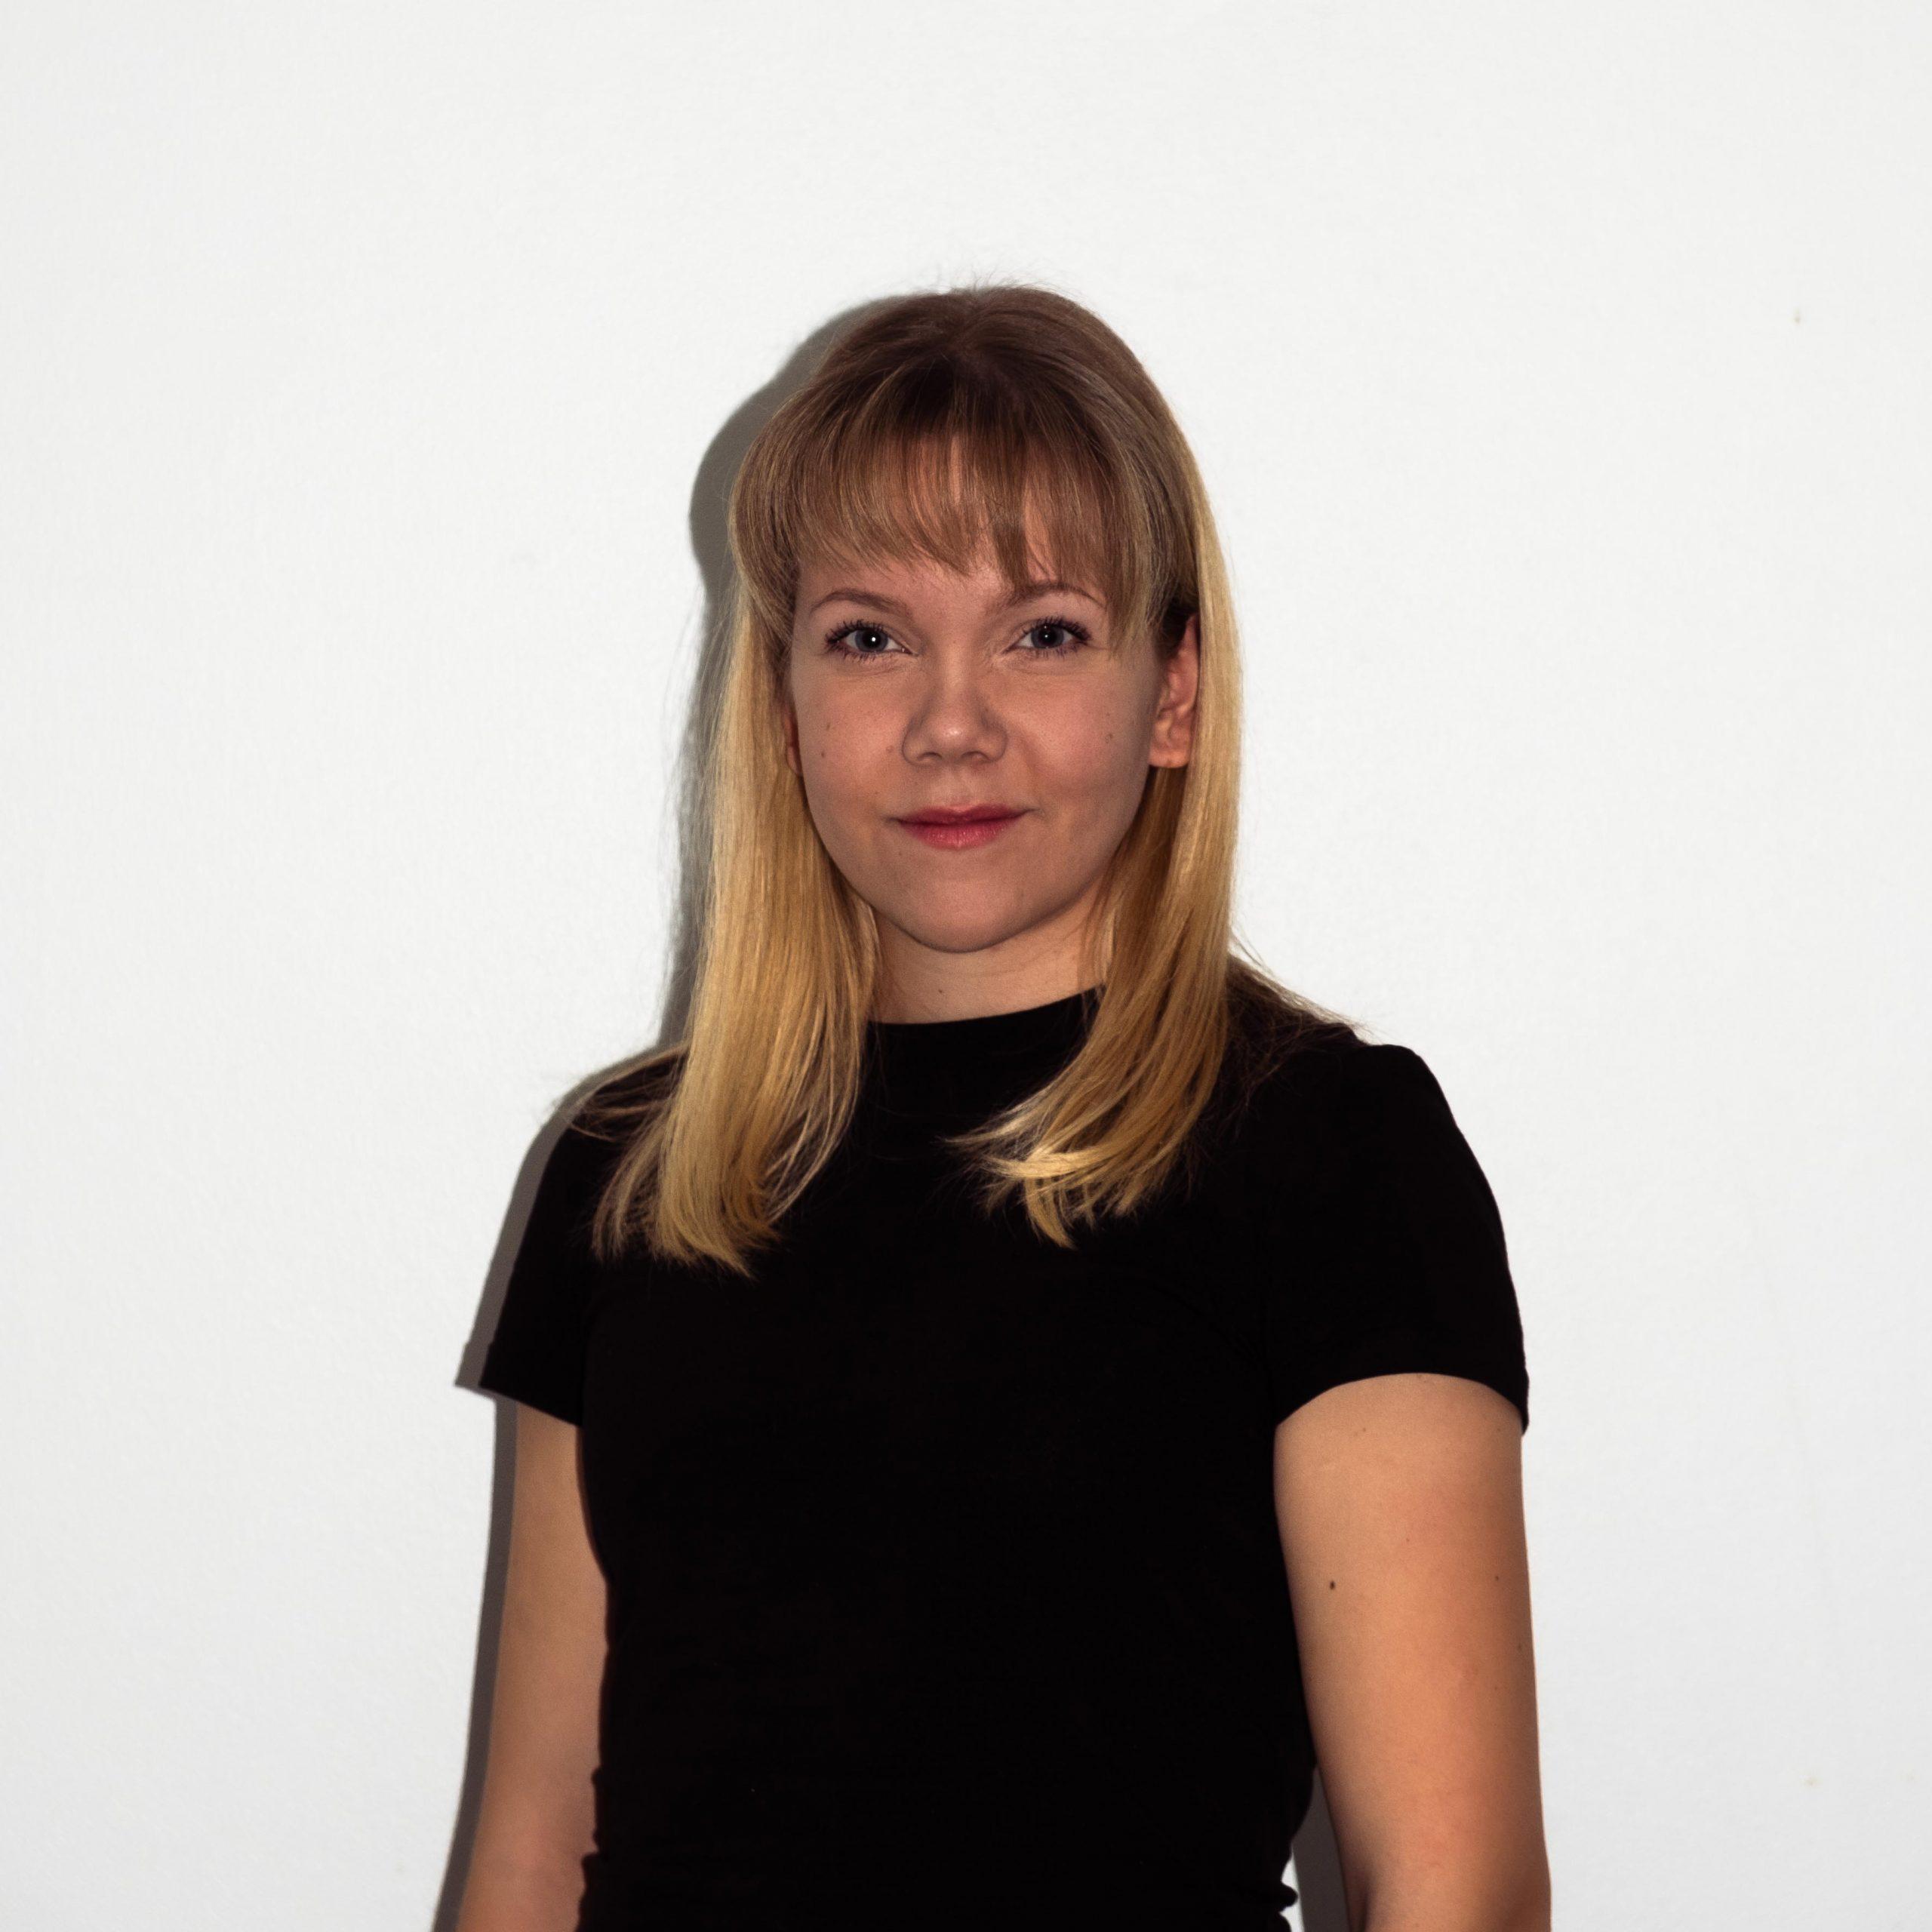 Jatta Saari